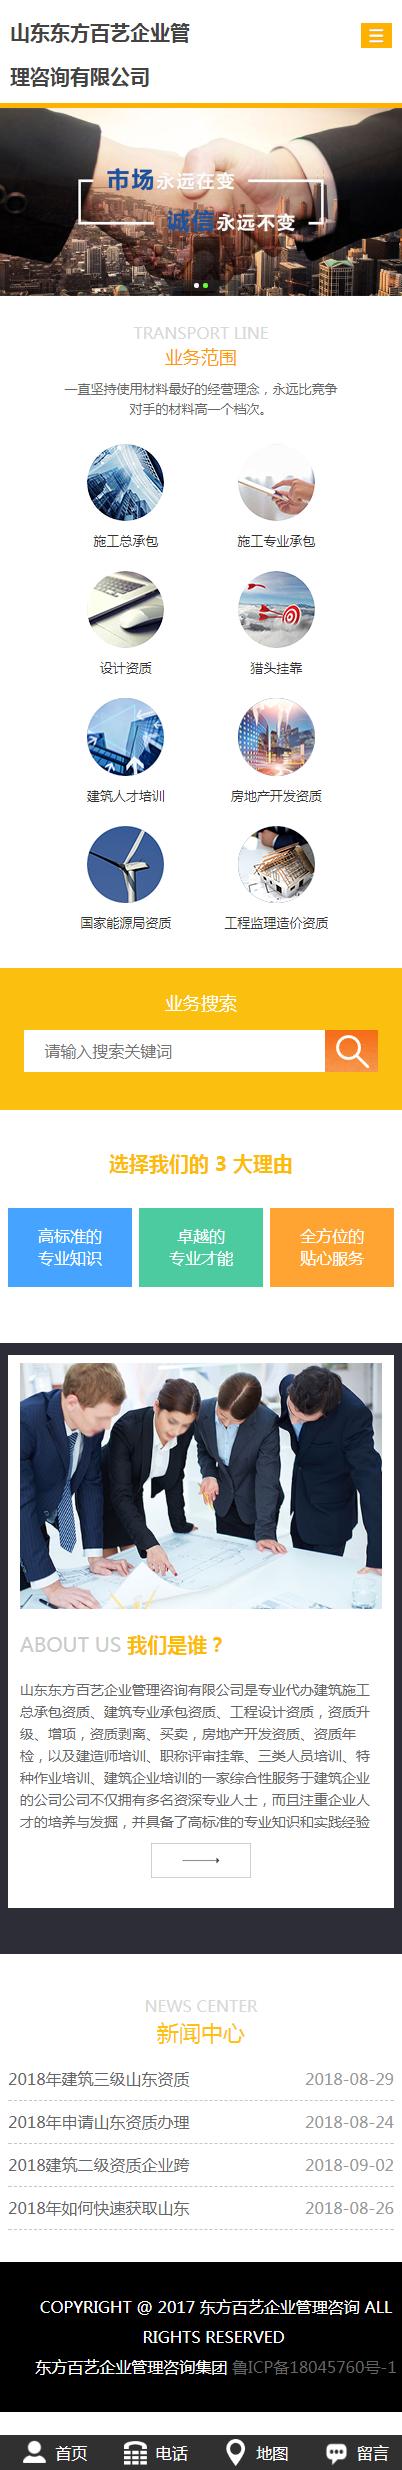 乐虎国际网络营销